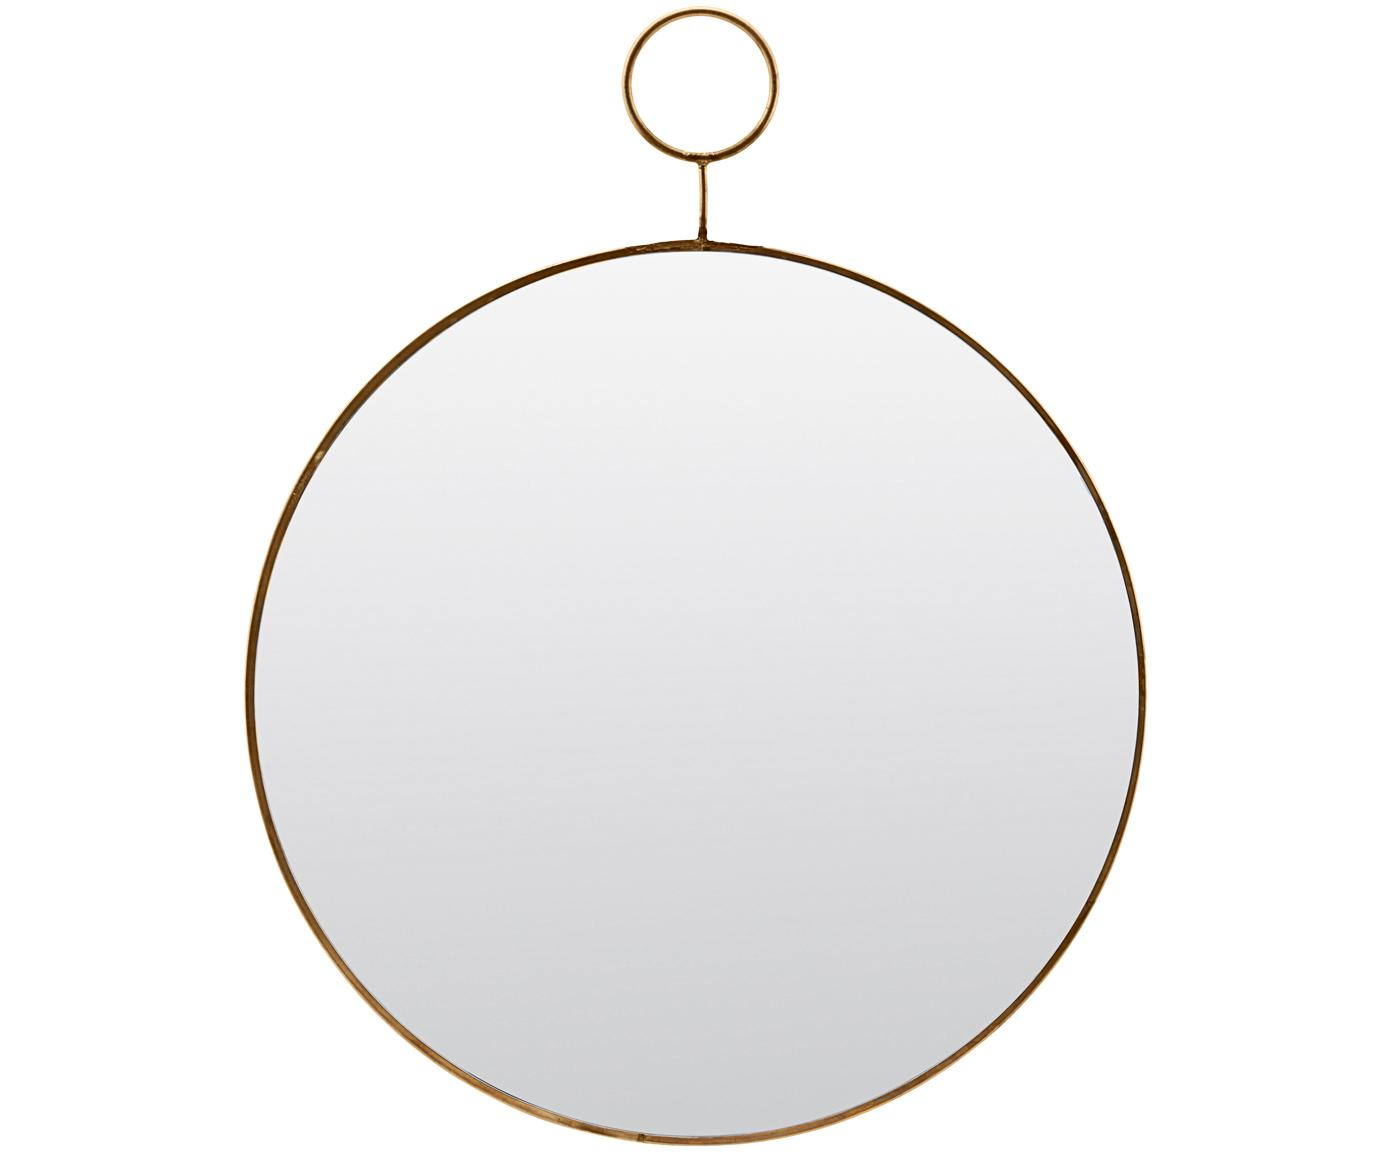 Specchio da parete Loop, Bordo: metallo con tracce intenz, Superficie dello specchio: vetro a specchio, Bordo: ottone, Superficie dello specchio: lastra di vetro, Ø 32 cm